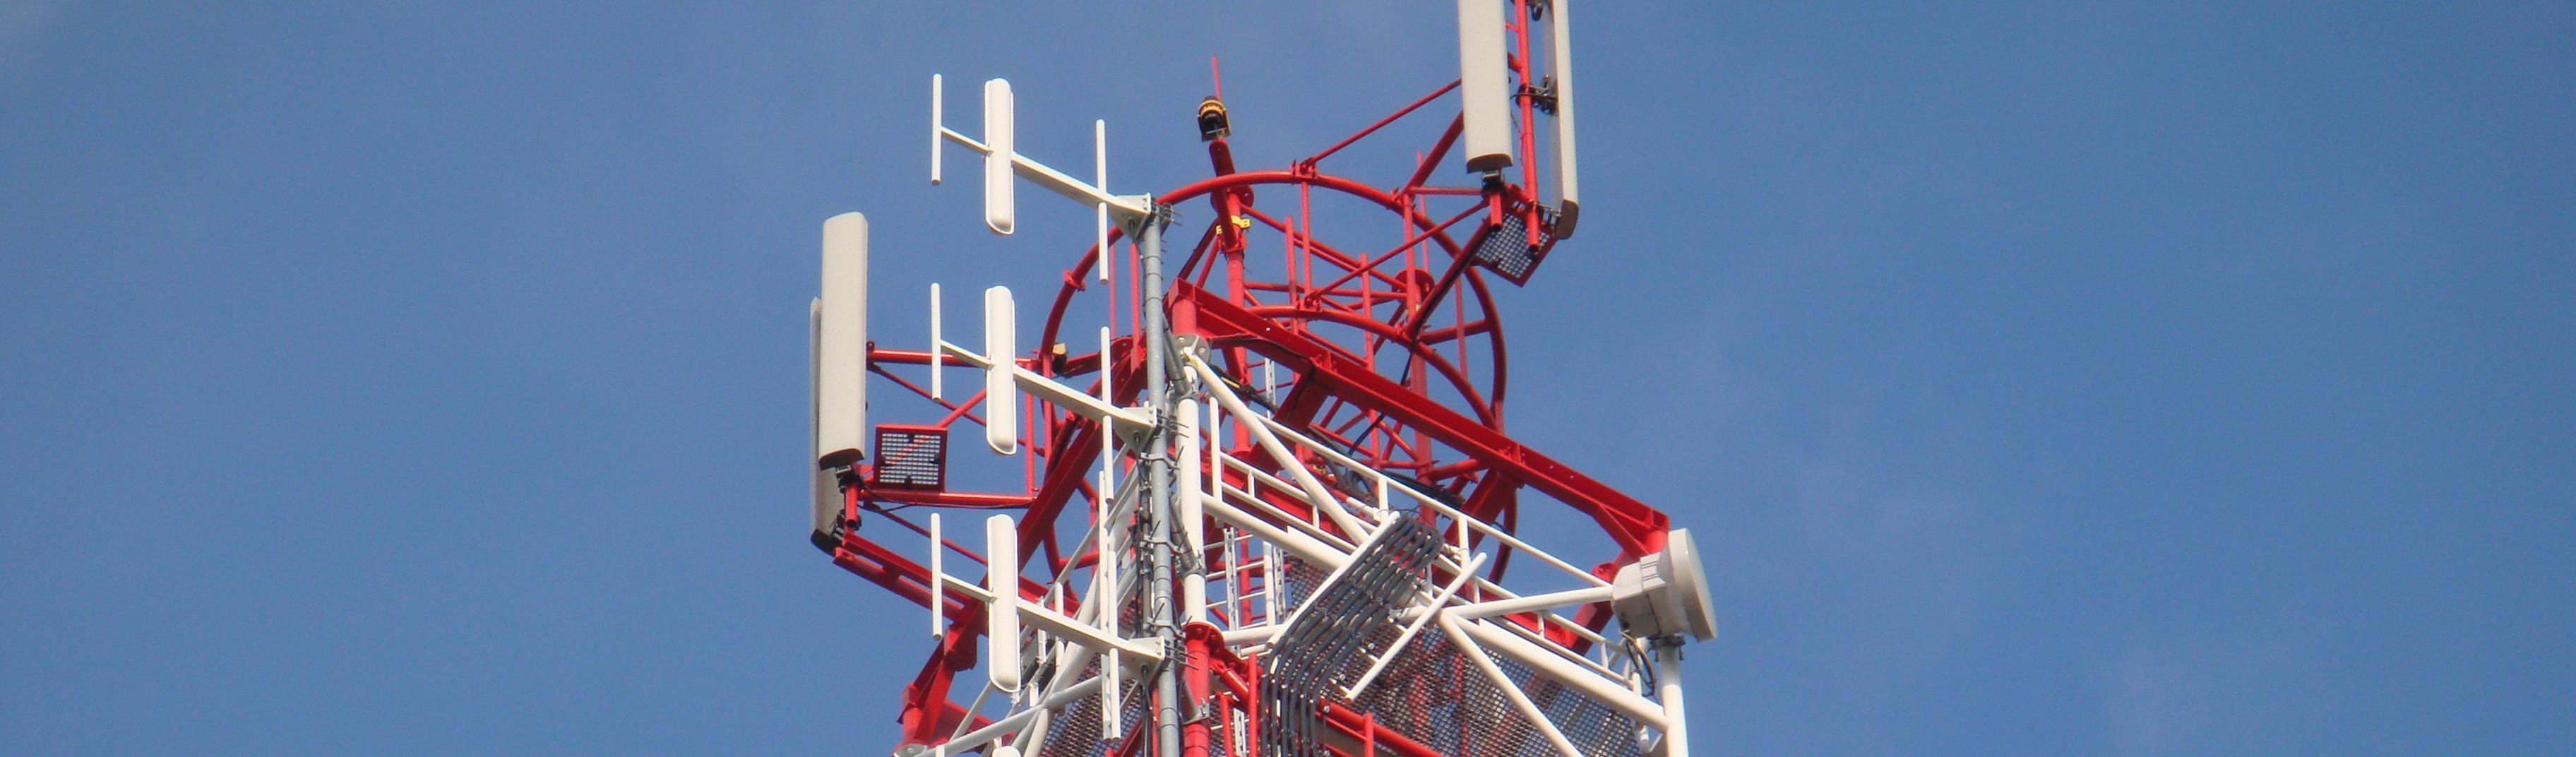 Váš vstup do světa digitálního rozhlasového vysílání